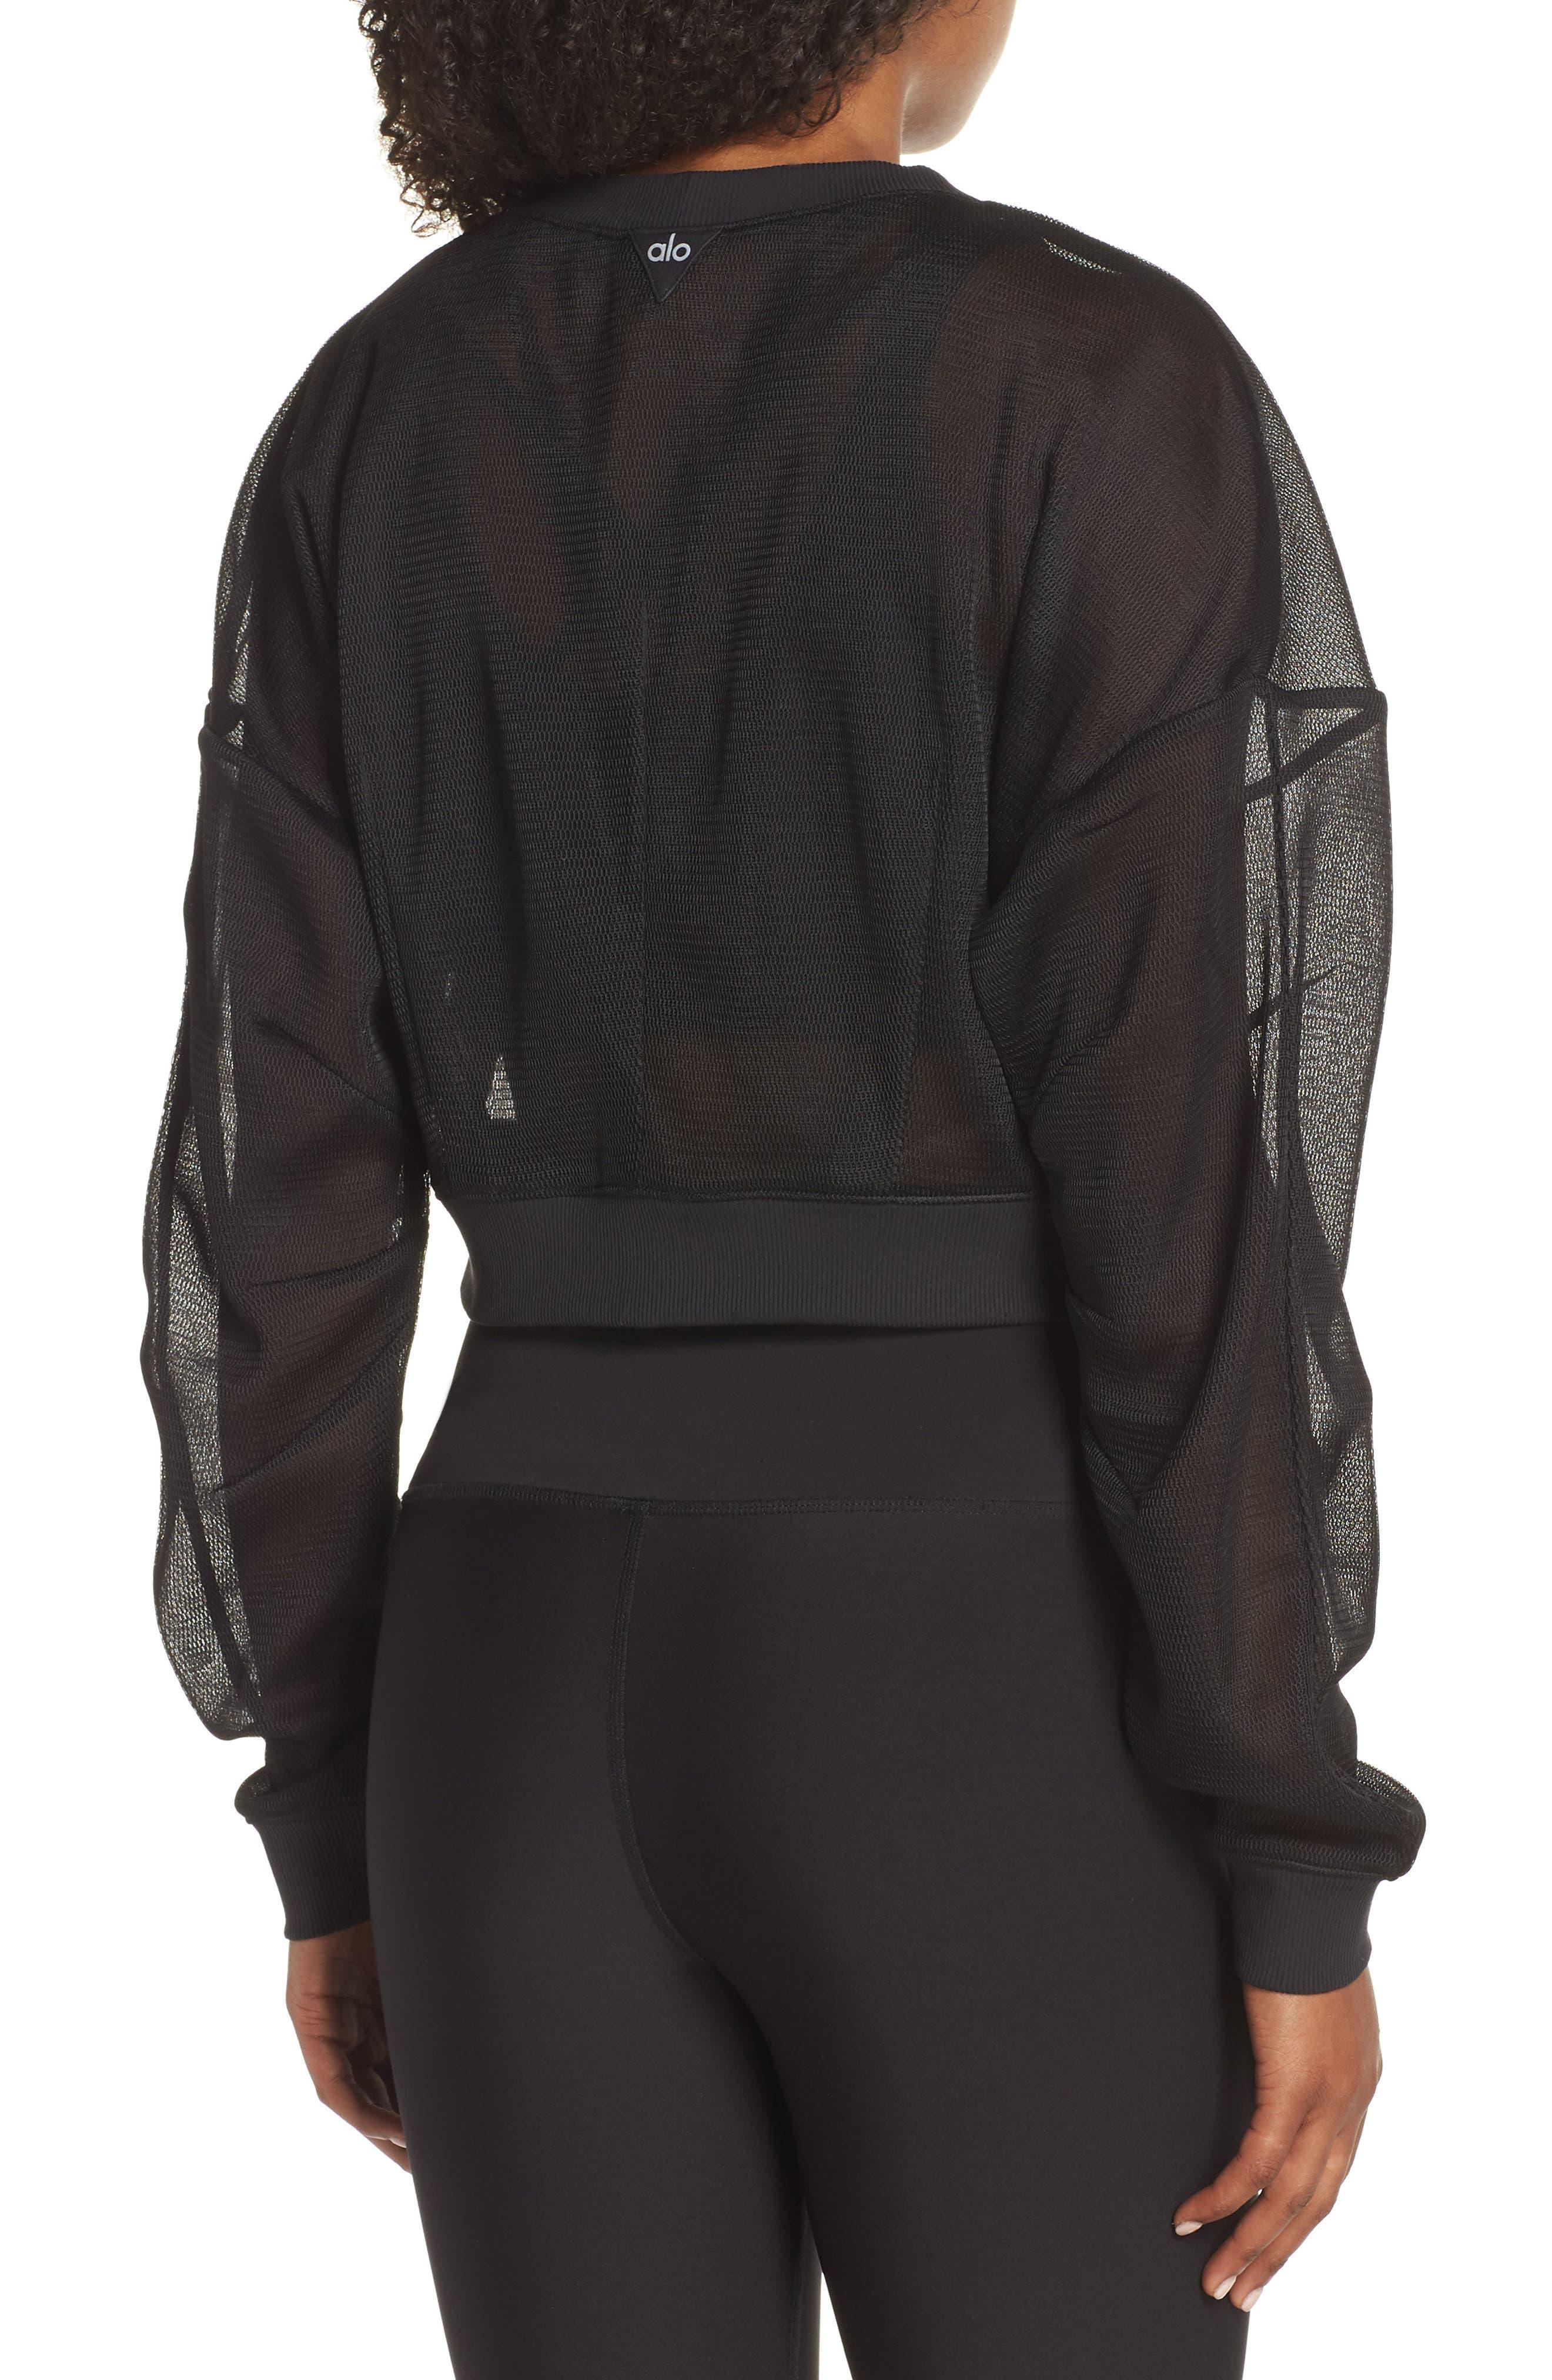 ALO, Row Long Sleeve Sweatshirt, Alternate thumbnail 2, color, BLACK